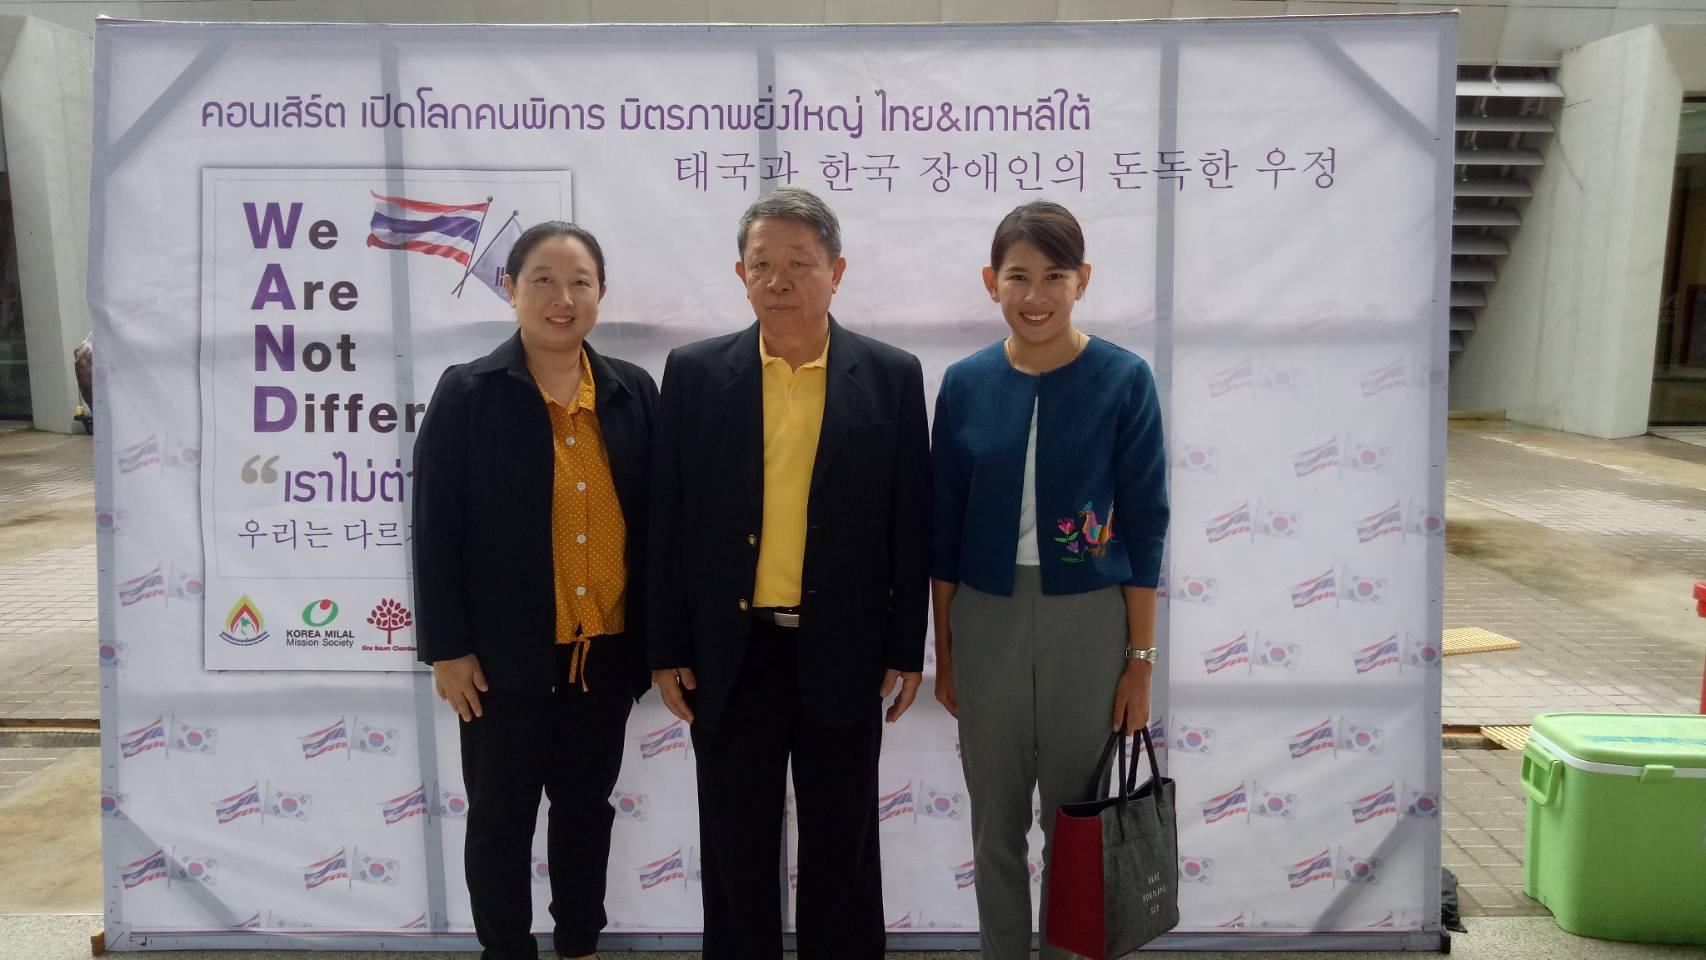 ร่วมงานคอนเสิร์ตการกุศล เราไม่ต่างกัน เปิดโลกคนพิการ มิตรภาพยิ่งใหญ่ ไทย-เกาหลี